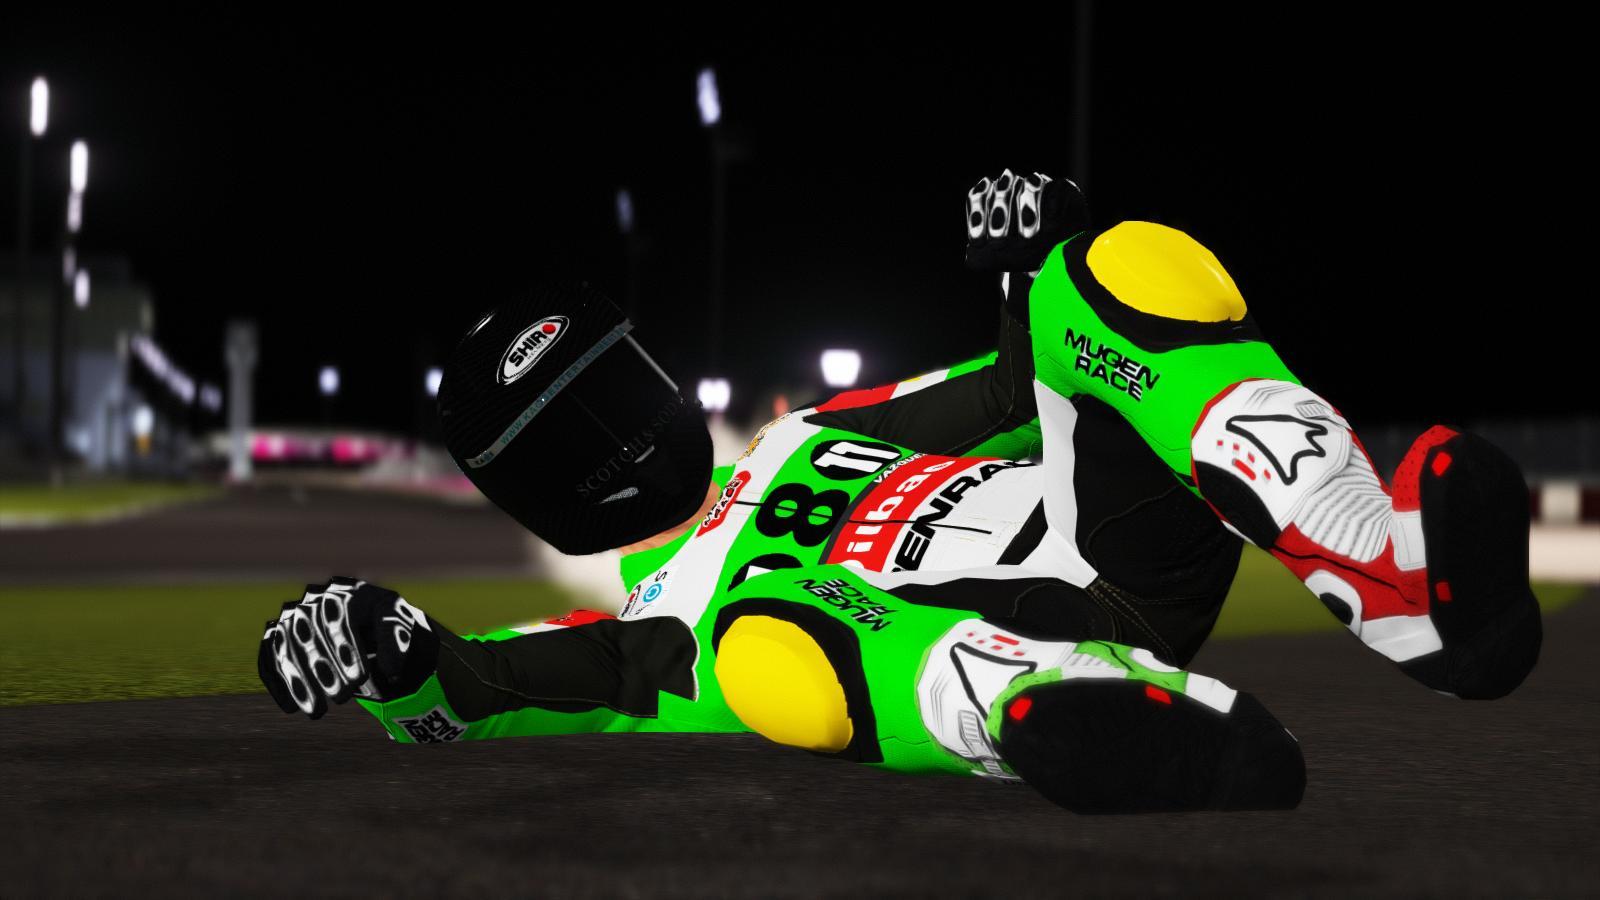 MotoGP15X64 2016-03-22 03-22-31-12.jpg